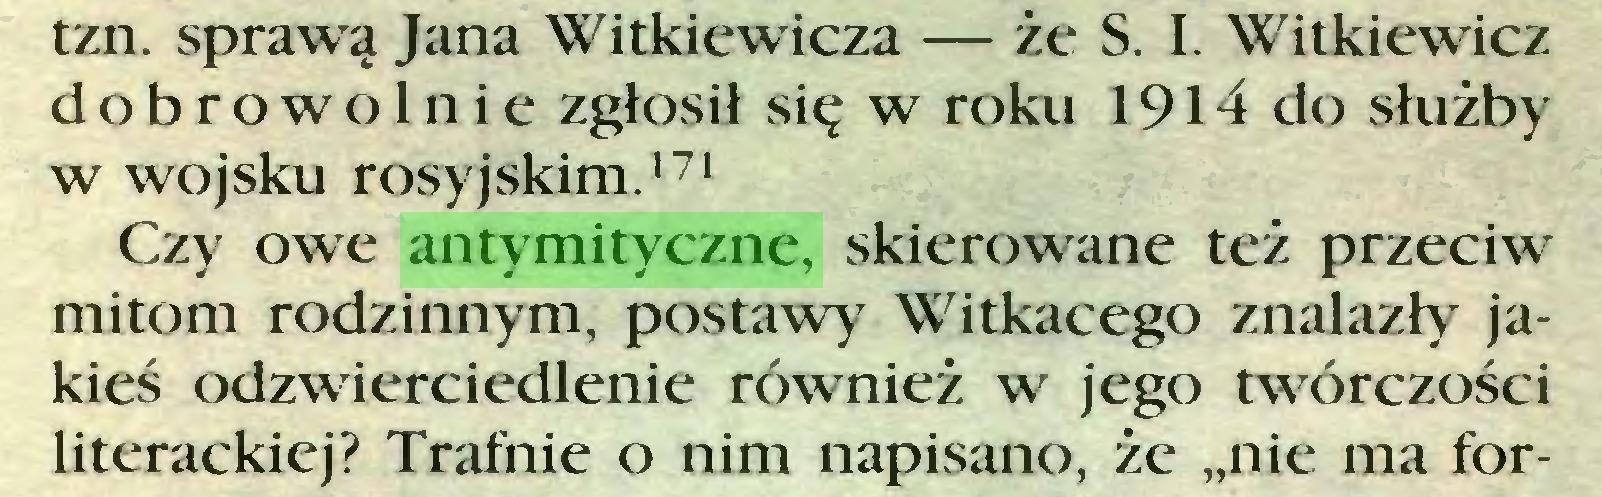 """(...) tzn. sprawą Jana Witkiewicza — że S. I. Witkiewicz dobrowolnie zgłosił się w roku 1914 do służby w wojsku rosyjskim.171 Czy owe antymityczne, skierowane też przeciw mitom rodzinnym, postawy Witkacego znalazły jakieś odzwierciedlenie również w jego twórczości literackiej? Trafnie o nim napisano, że """"nie ma for..."""